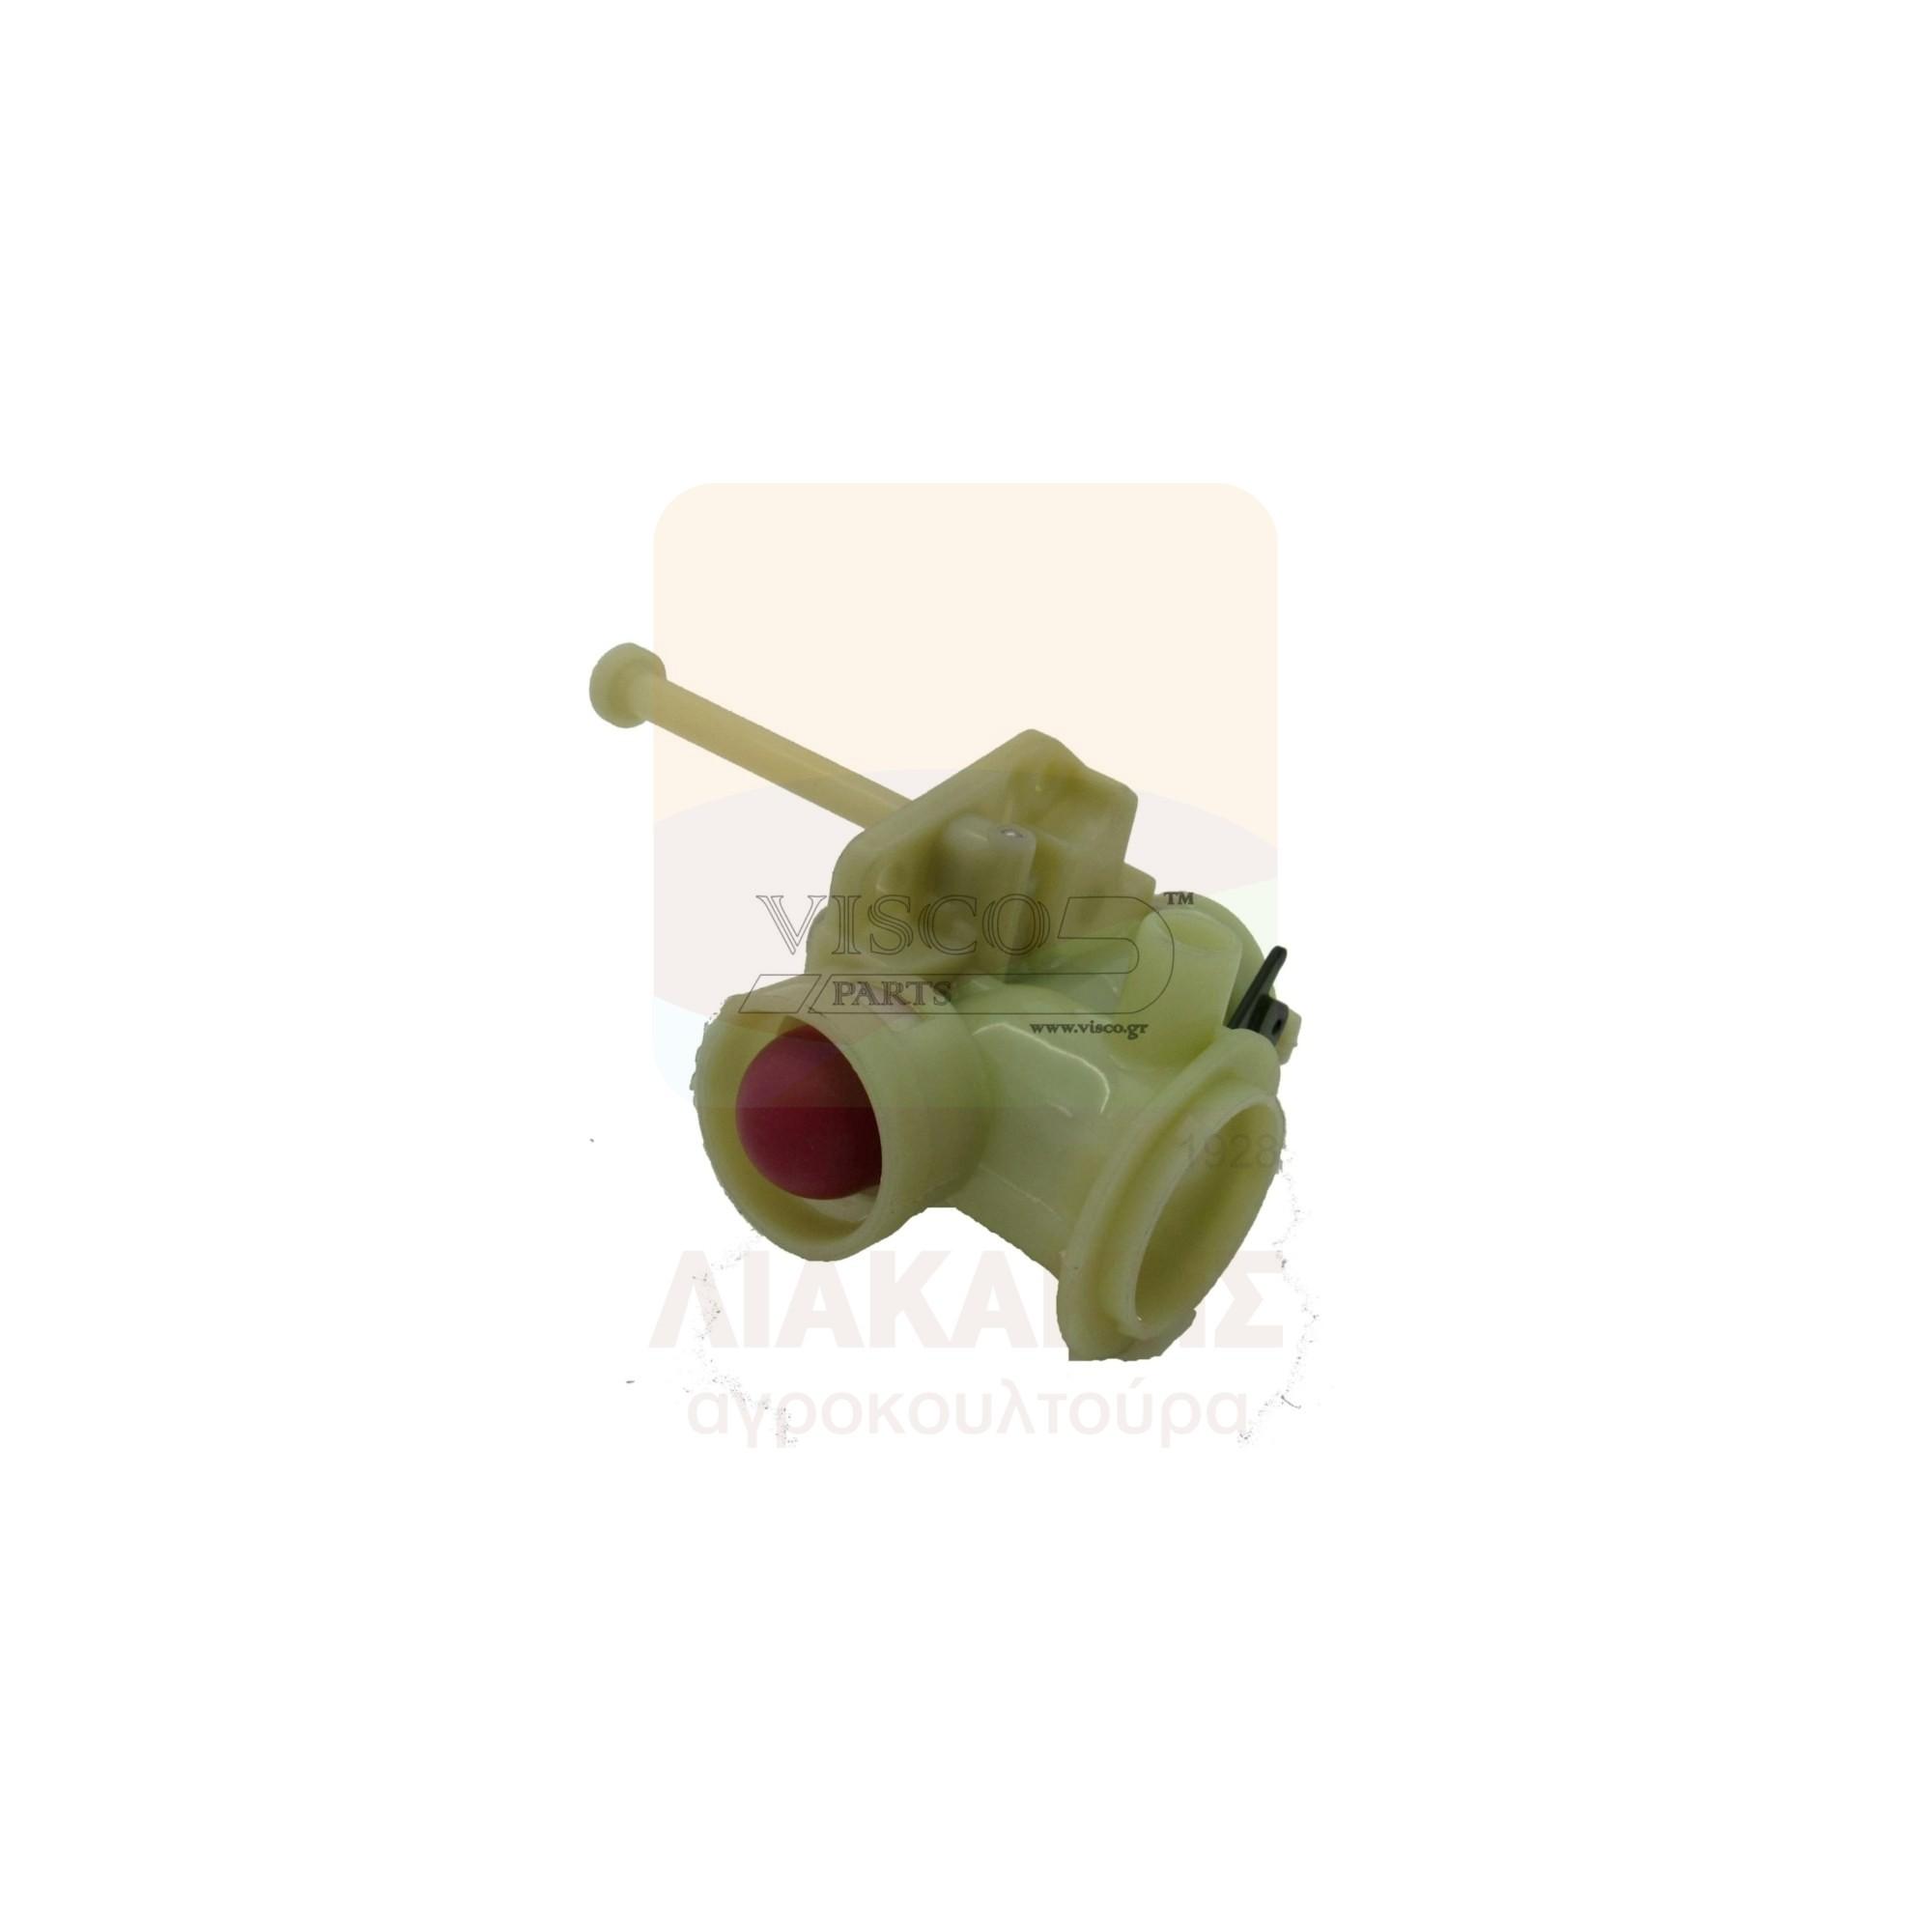 ΚΑΡ-070 Καρμπυρατέρ B & S SPRINT CLASSIC 3.5-3.75 HP